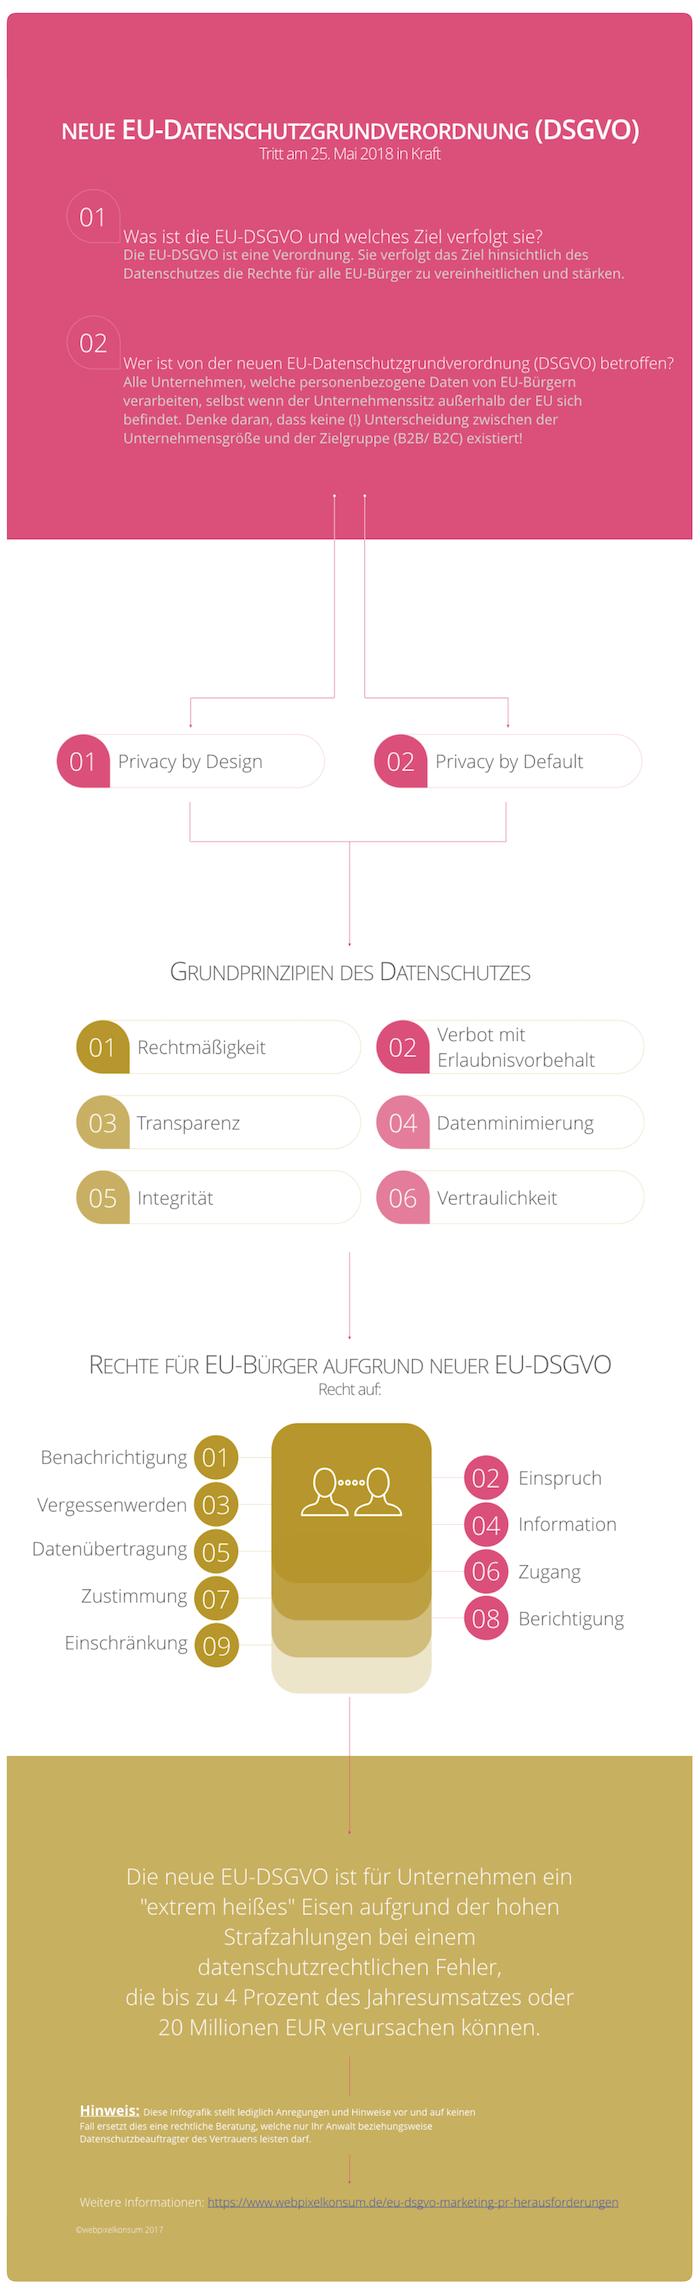 Infografik: Neue EU-Datenschutzgrundverordnung (DSGVO) von webpixelkonsum - EU-DSGVO, Marketing und PR: Zahlreiche Herausforderungen inkl. Infografik